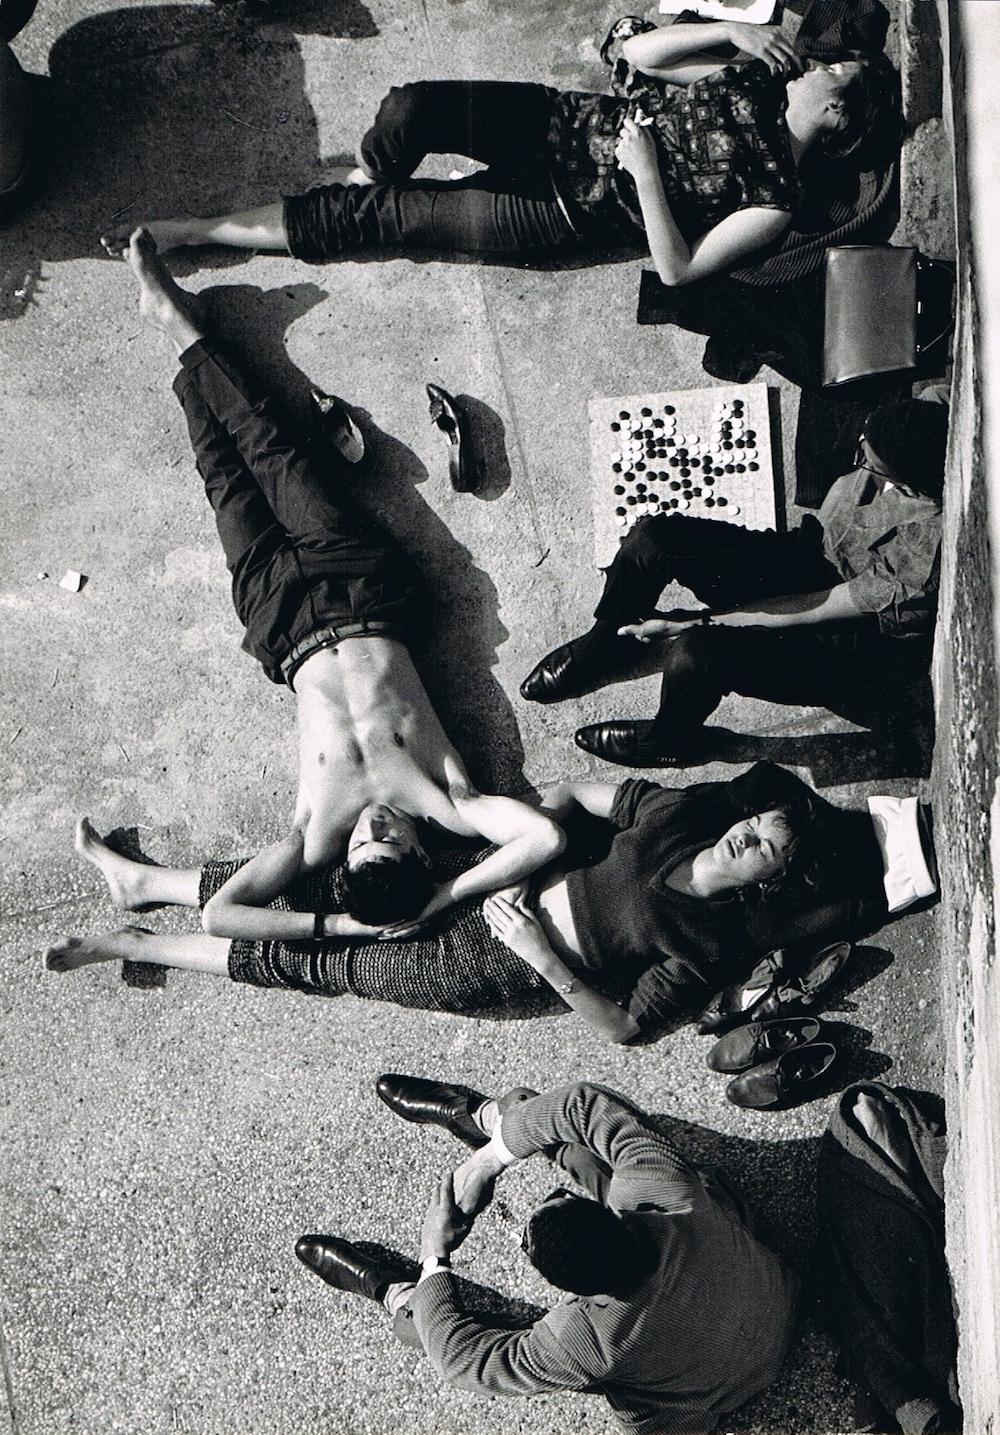 La realidad en blanco y negro de Gerardo Vielba